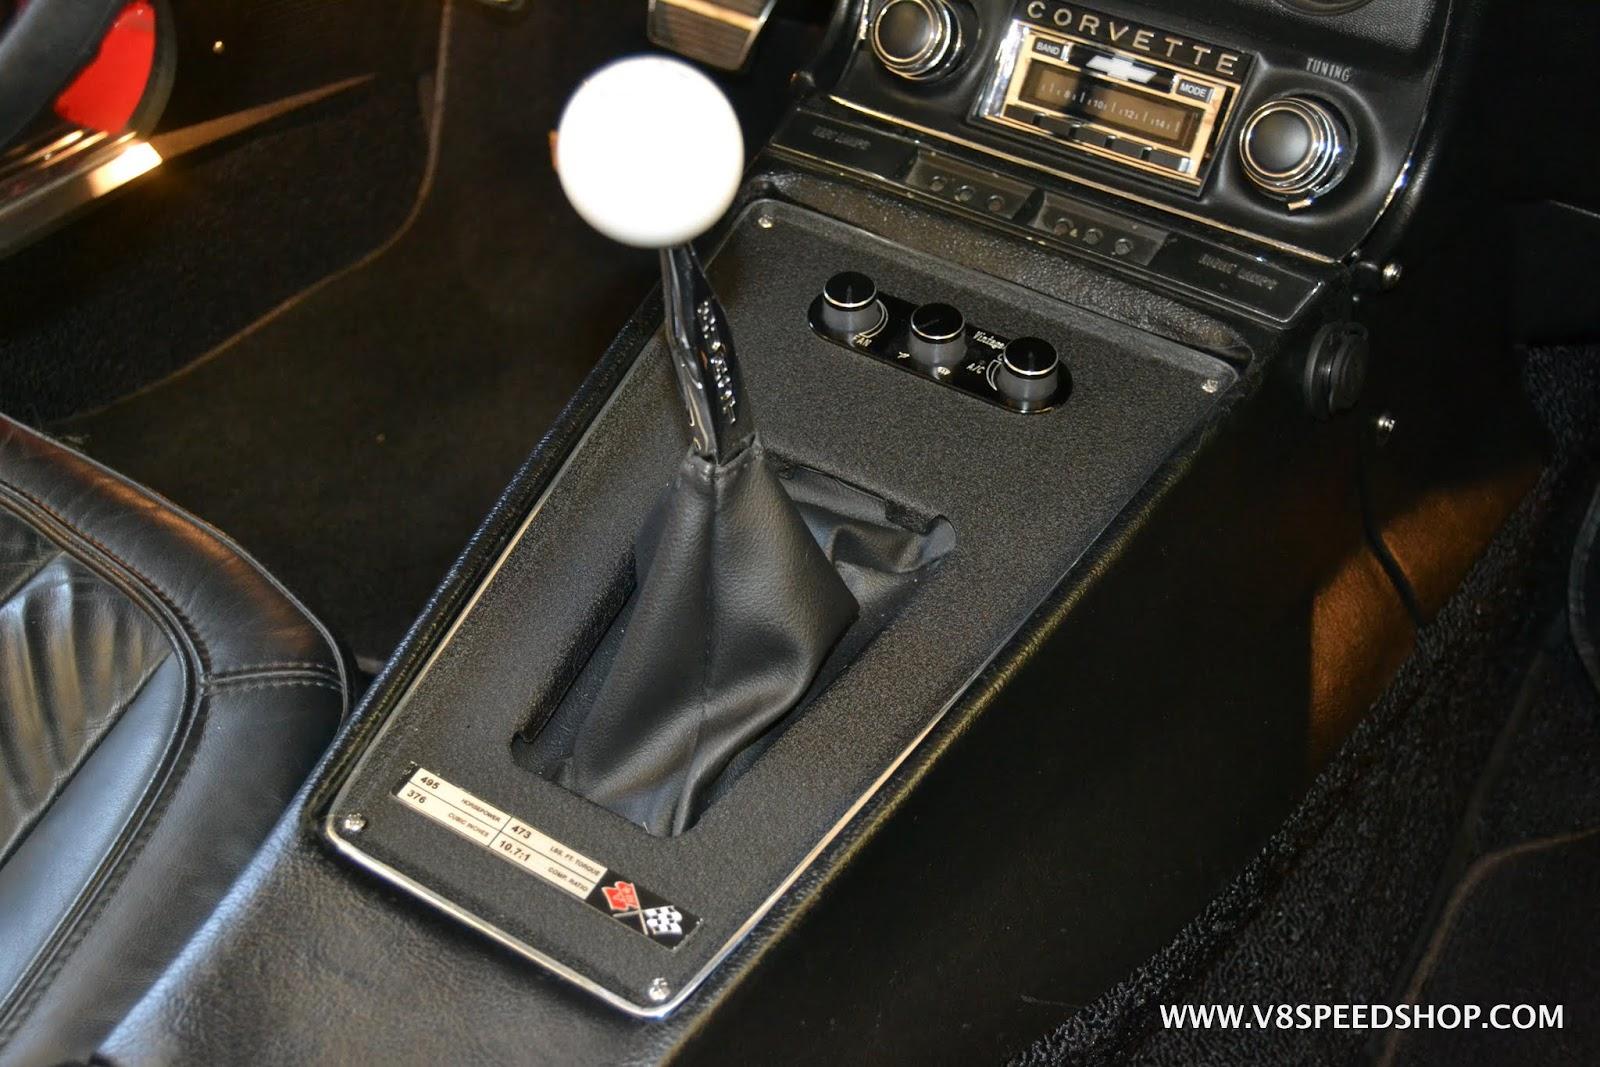 1969 Corvette Console